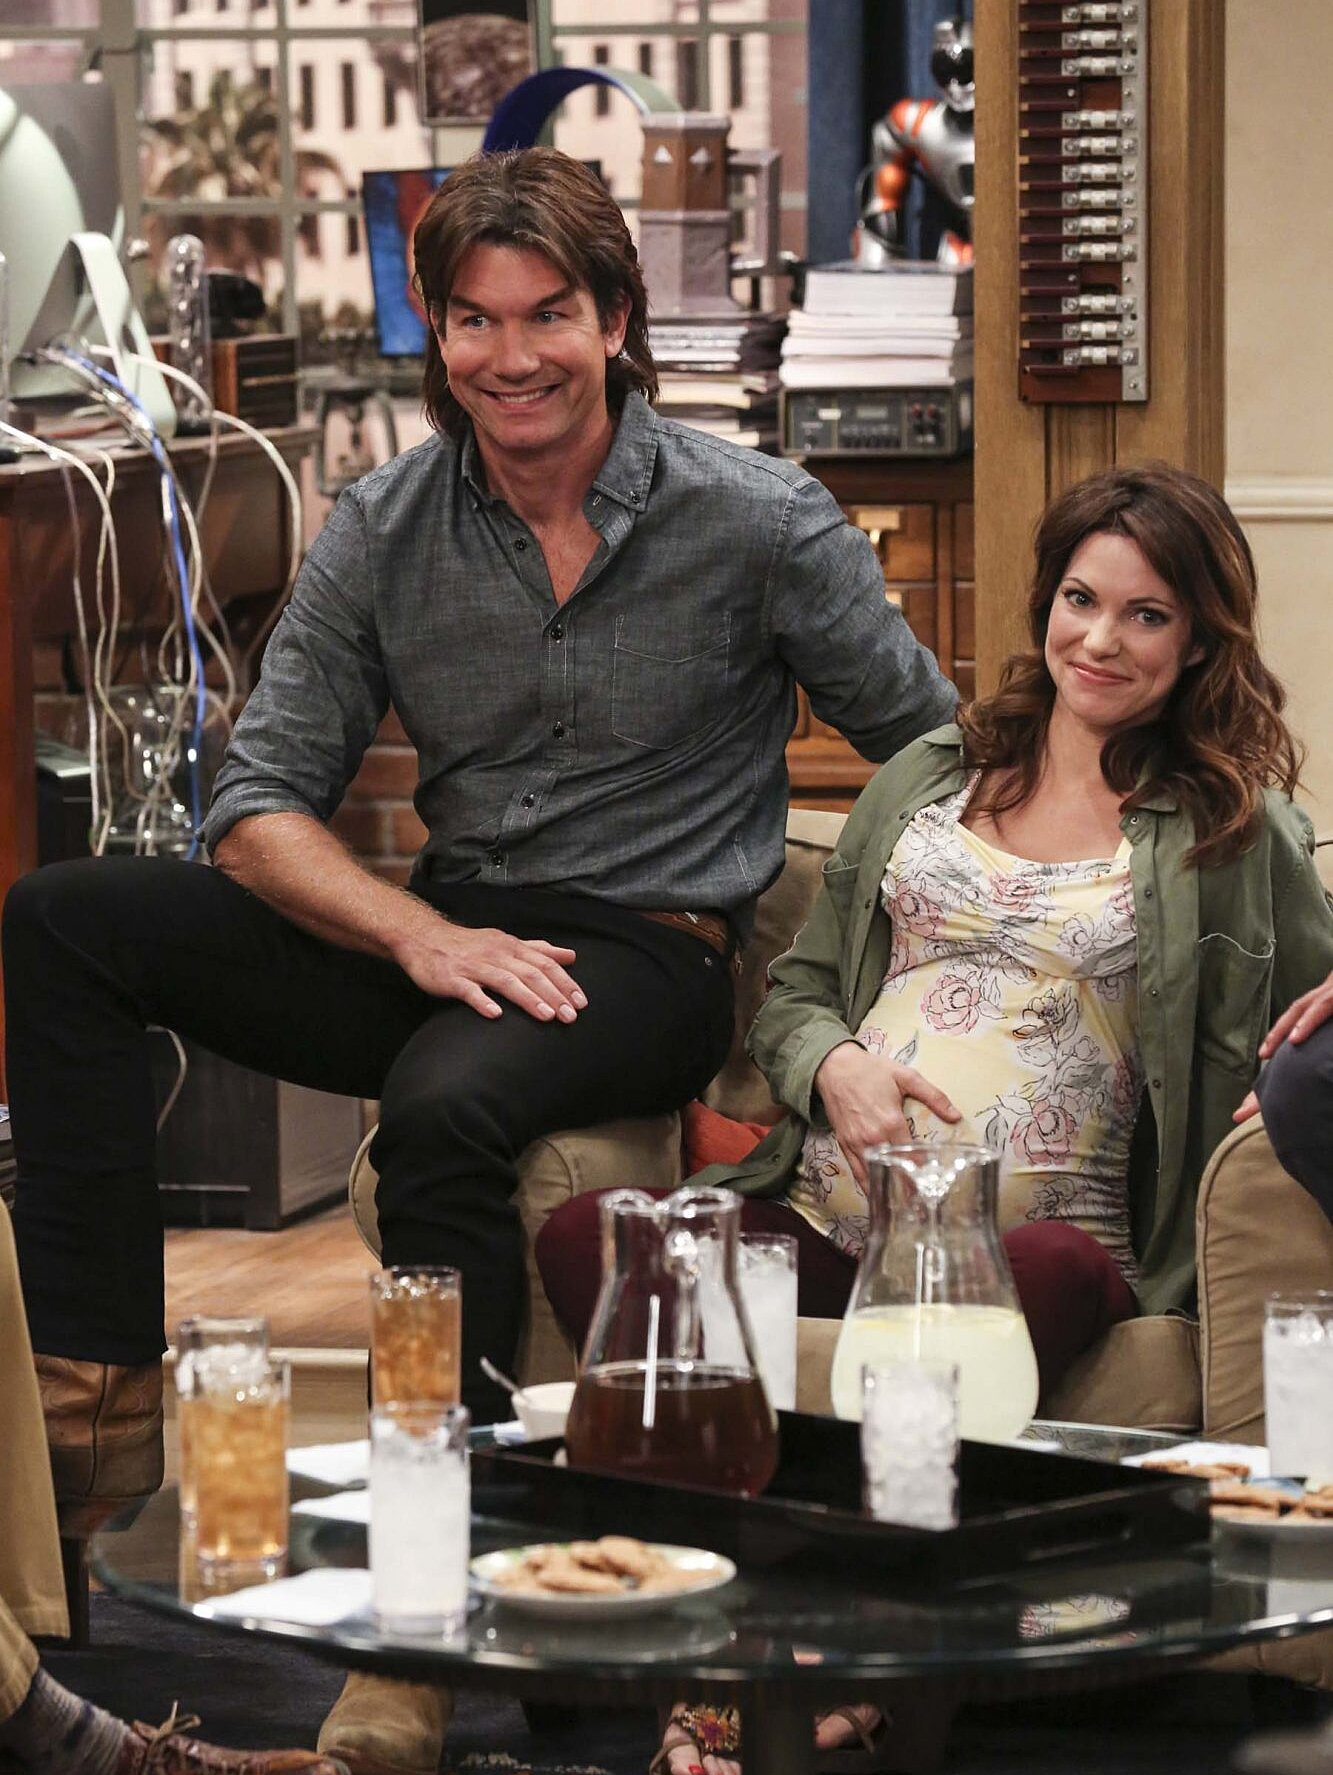 Big Bang Theory wedding photos: See Jim Parsons, Mayim Bialik   EW.com